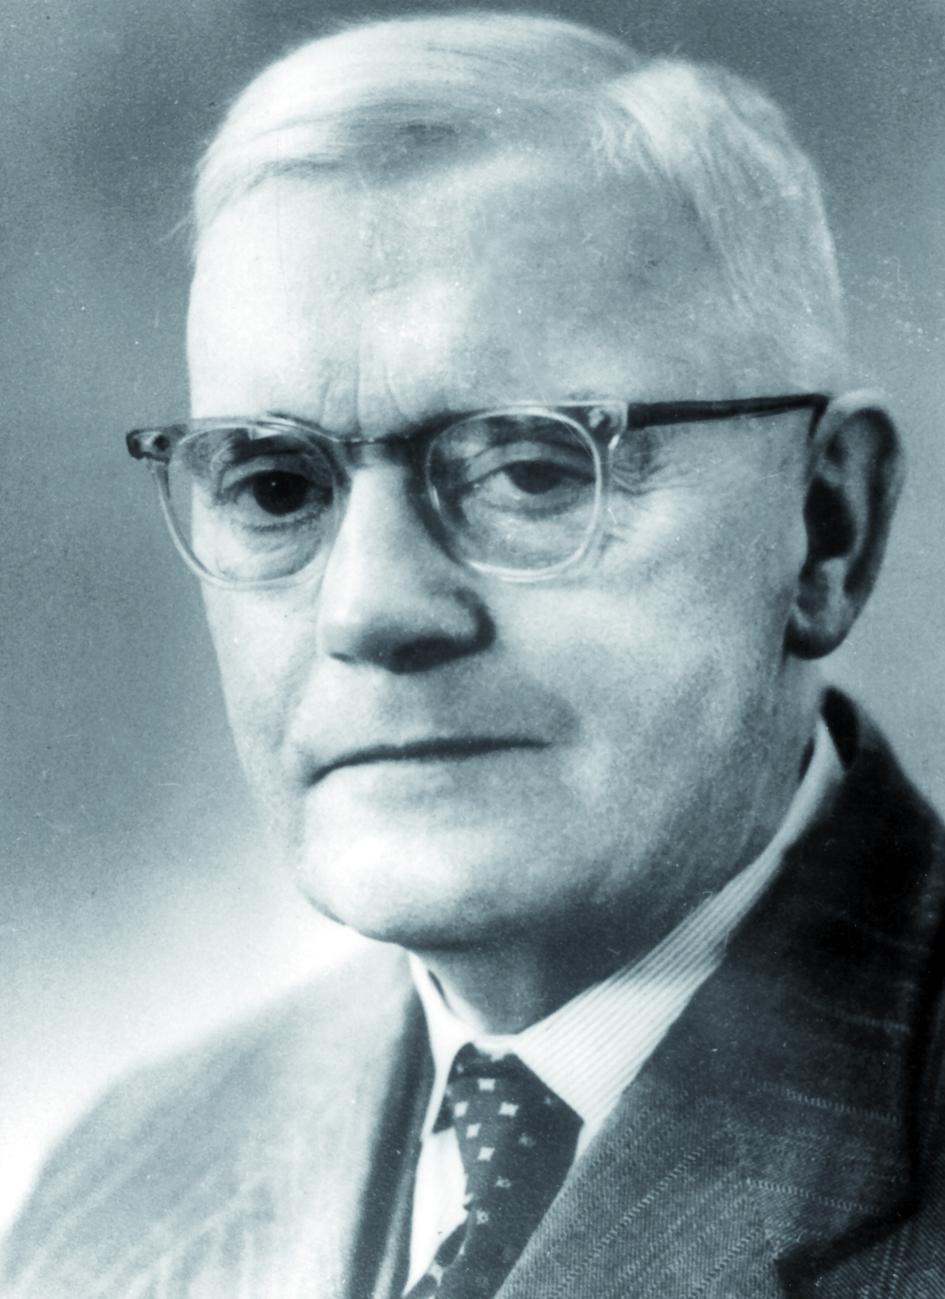 Portraitfoto von Herrn Hendrik Willem Stenvers.